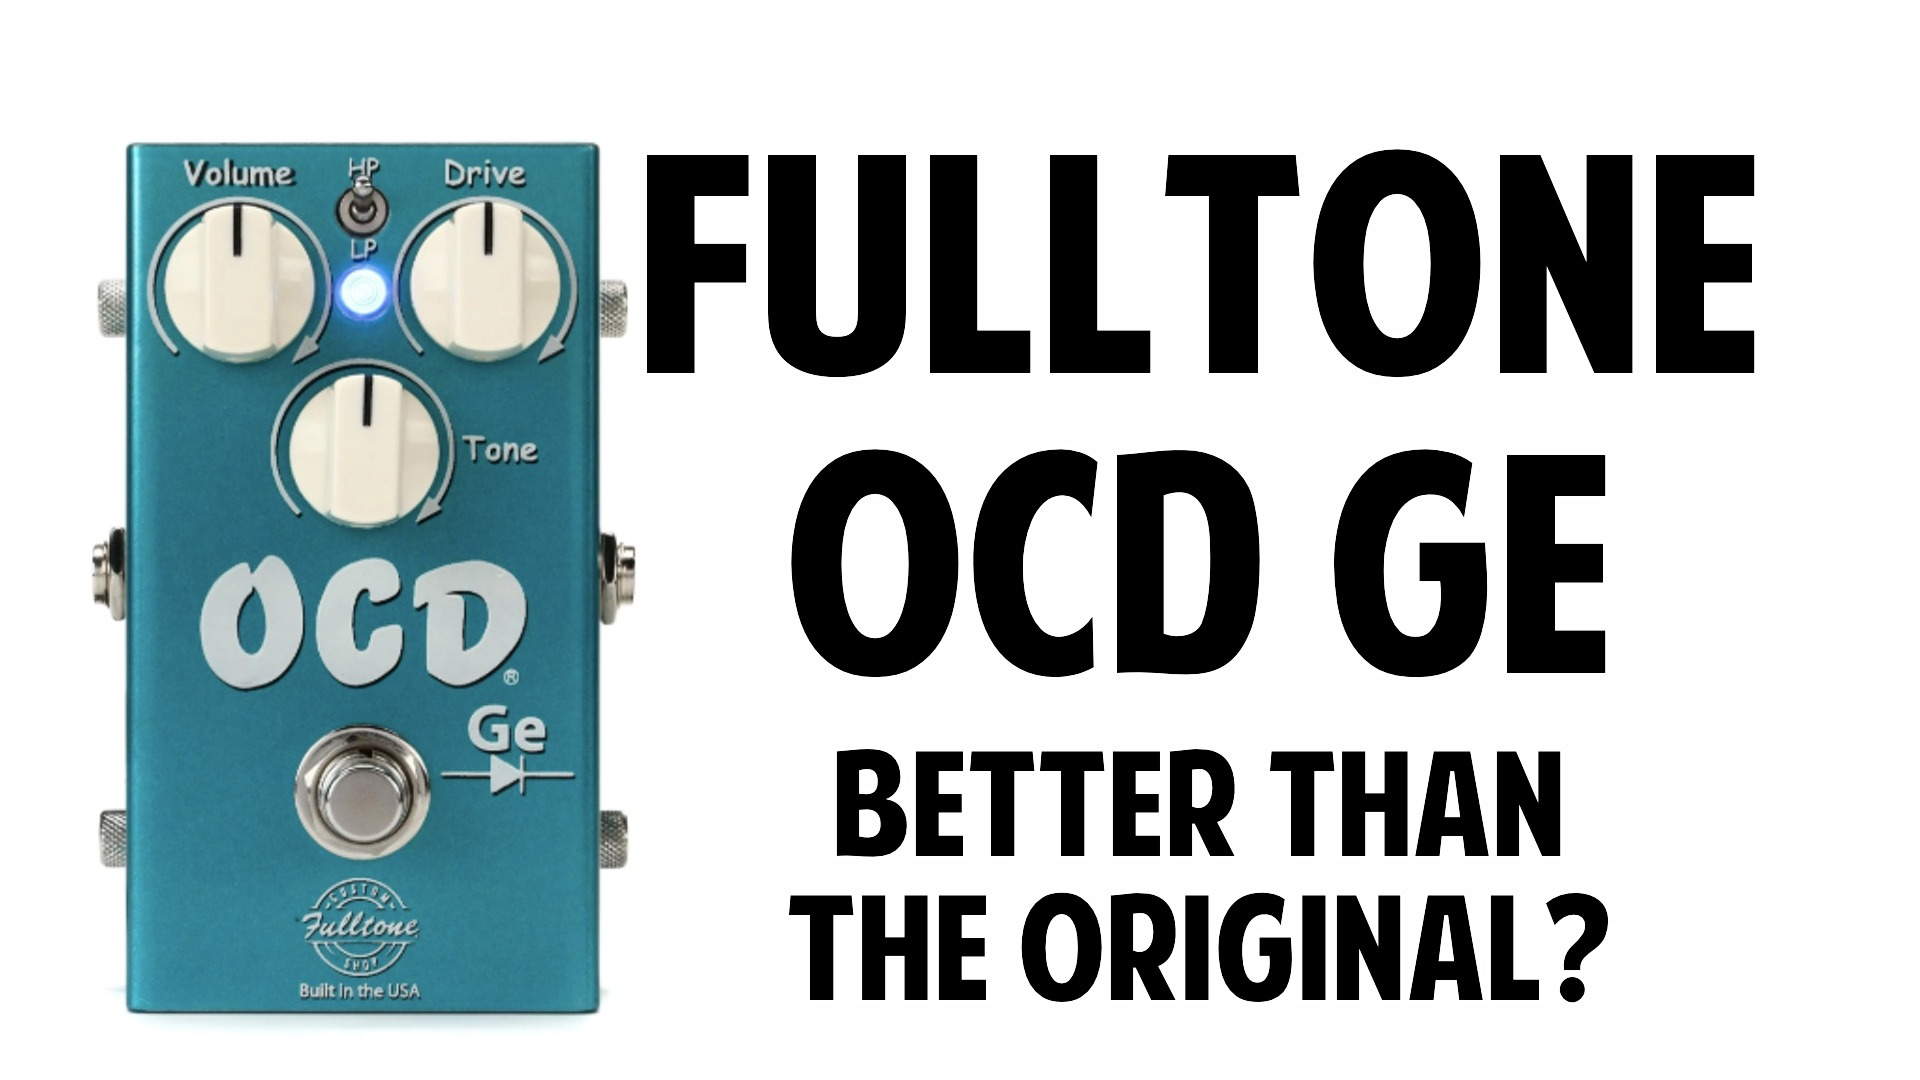 Fulltone OCD Ge Review